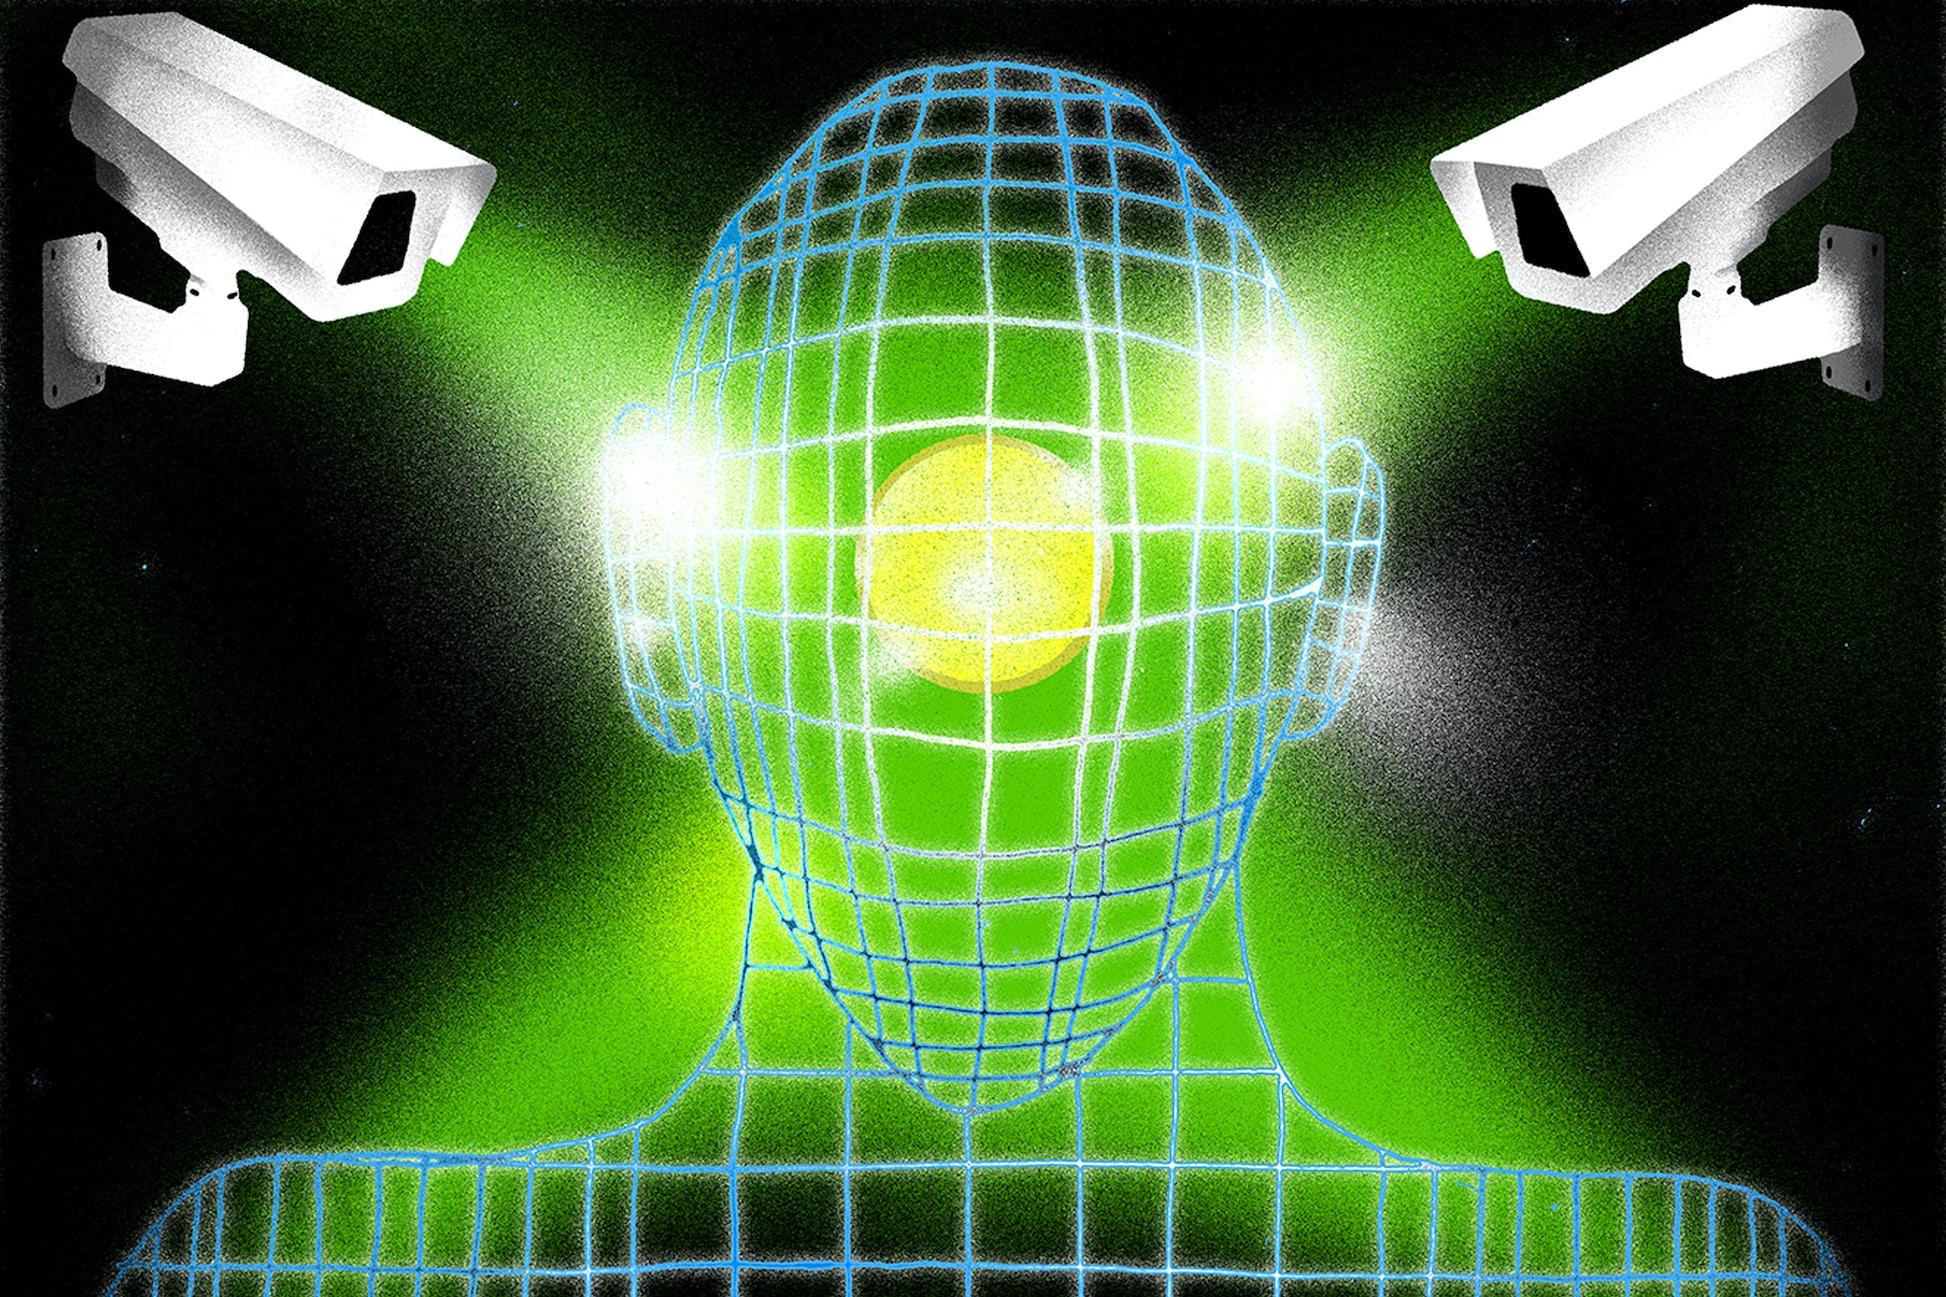 Kryptowährungen ist der nächste Grenzbereich für den Überwachungsstatus